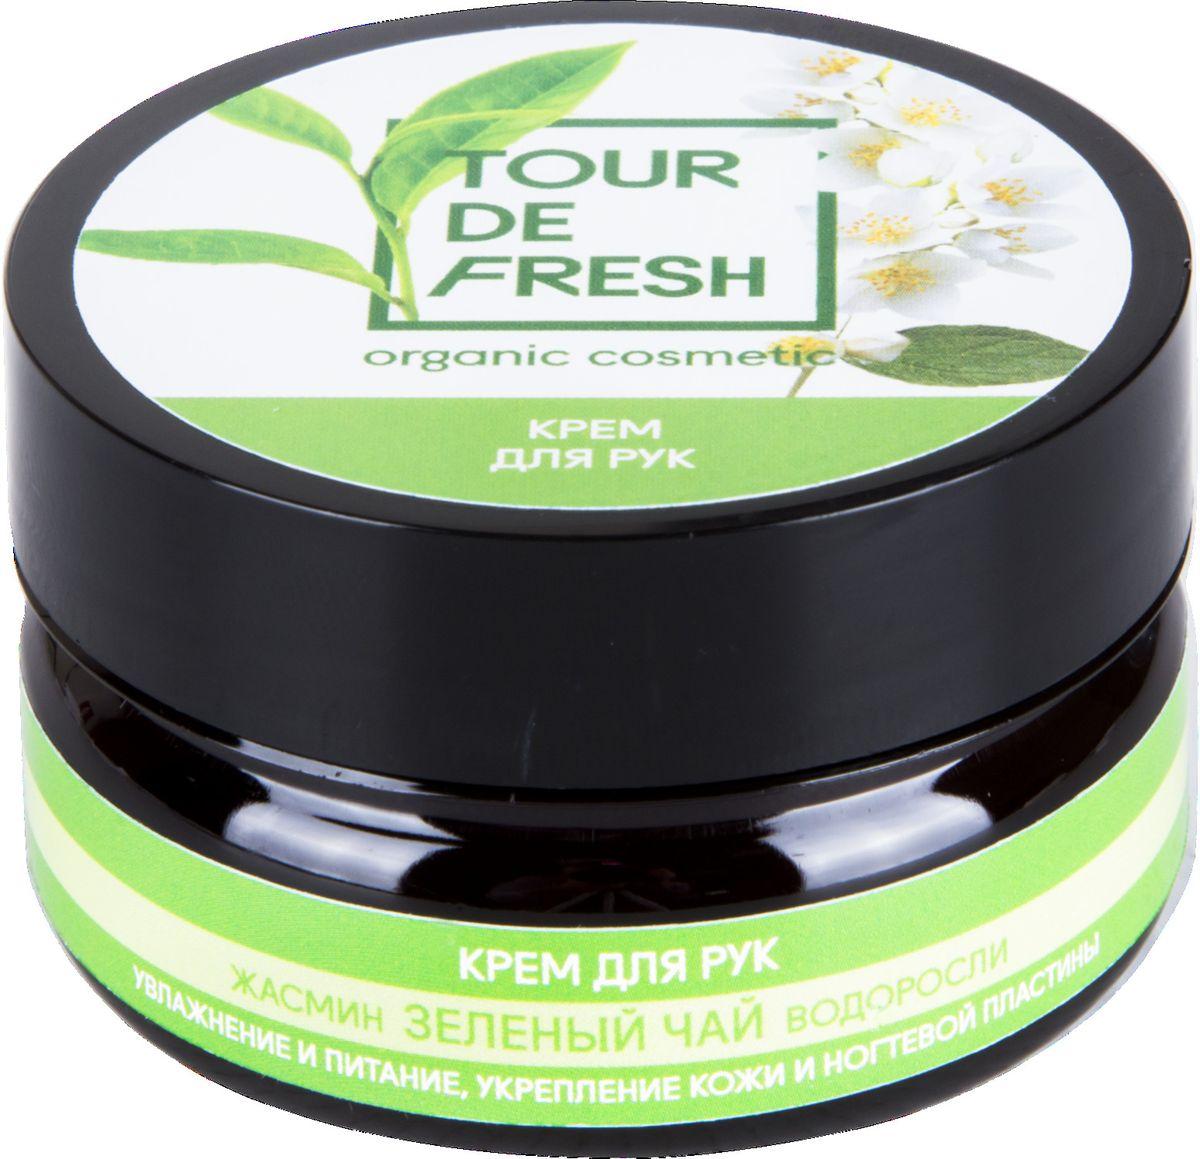 Tour De Fresh Крем для рук Зеленый чай, жасмин и водоросли, 60 млУФ000000004Крем предназначен для борьбы с первыми признаками старения. Зеленый чай богат антиоксидантами и ускоряет процессы восстановления клеток. Экстракт морских водорослей тонизирует и подтягивает, разглаживая мелкие морщины. Масло жасмина глубоко питает и увлажняет кожу.Как ухаживать за ногтями: советы эксперта. Статья OZON Гид